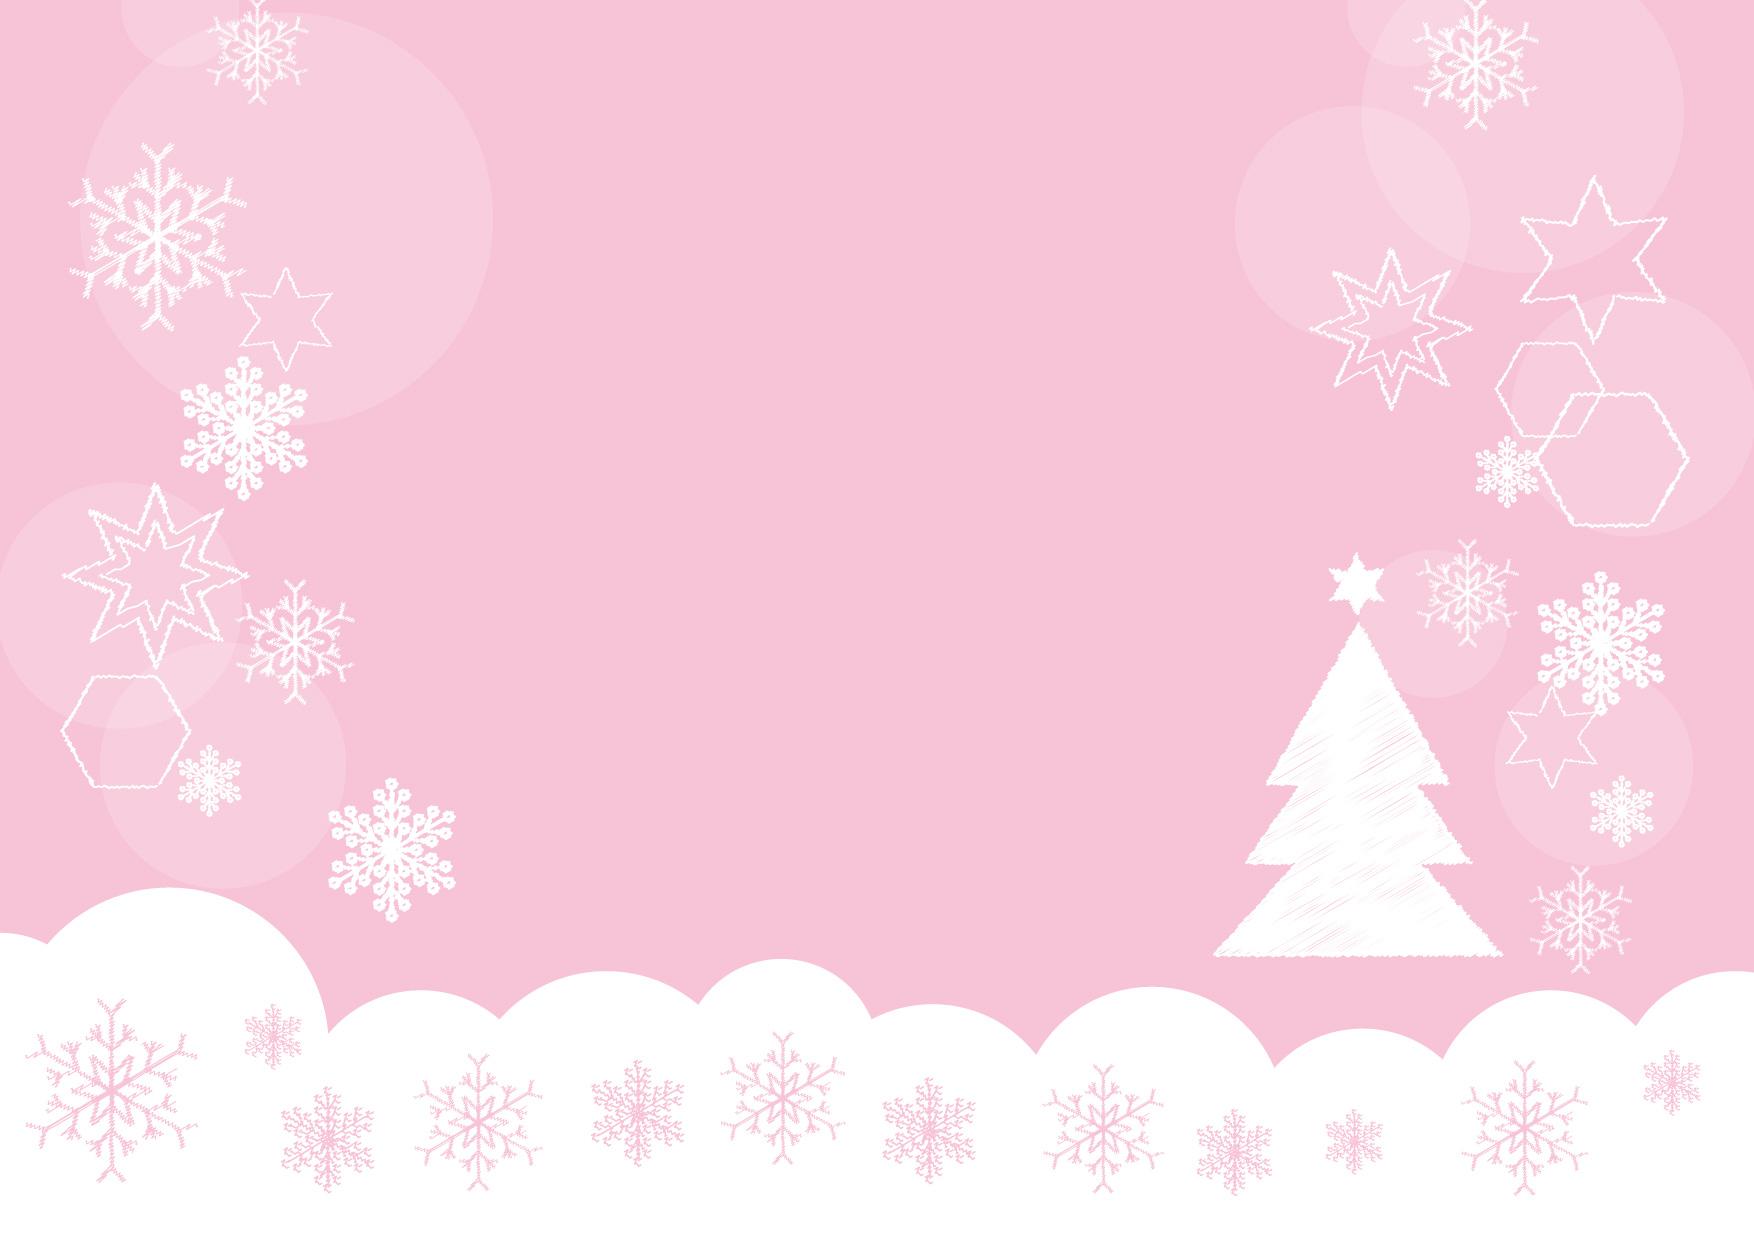 可愛いイラスト無料|雪の結晶 クリスマスツリー ピンク − free illustration Snowflakes Christmas tree pink